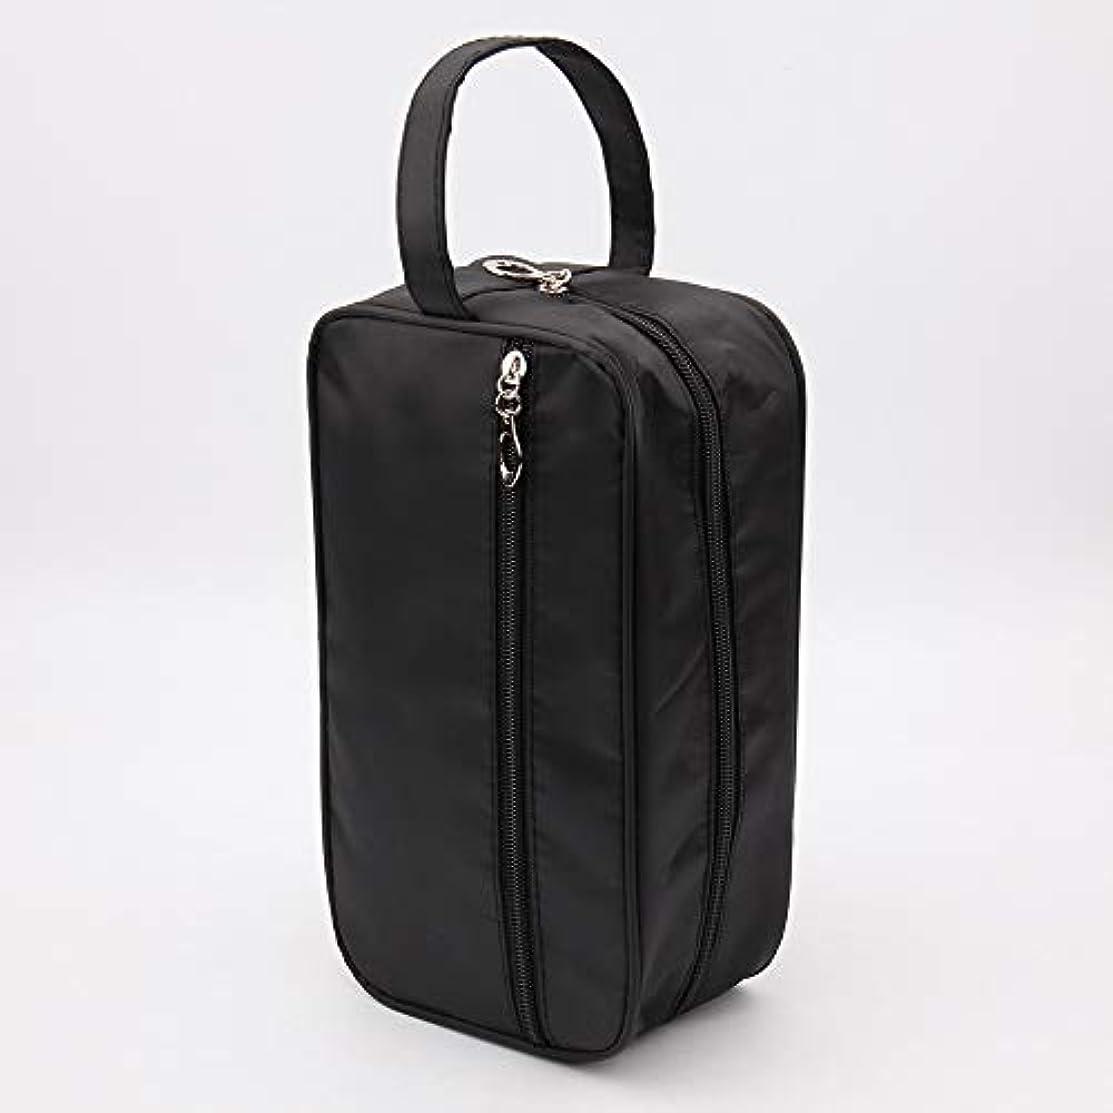 ステーキソフトウェアスイング新しい女性と男性大防水化粧バッグナイロン旅行化粧品バッグオーガナイザーケース必要なメイクアップ洗面化粧品バッグ (Color : Black)